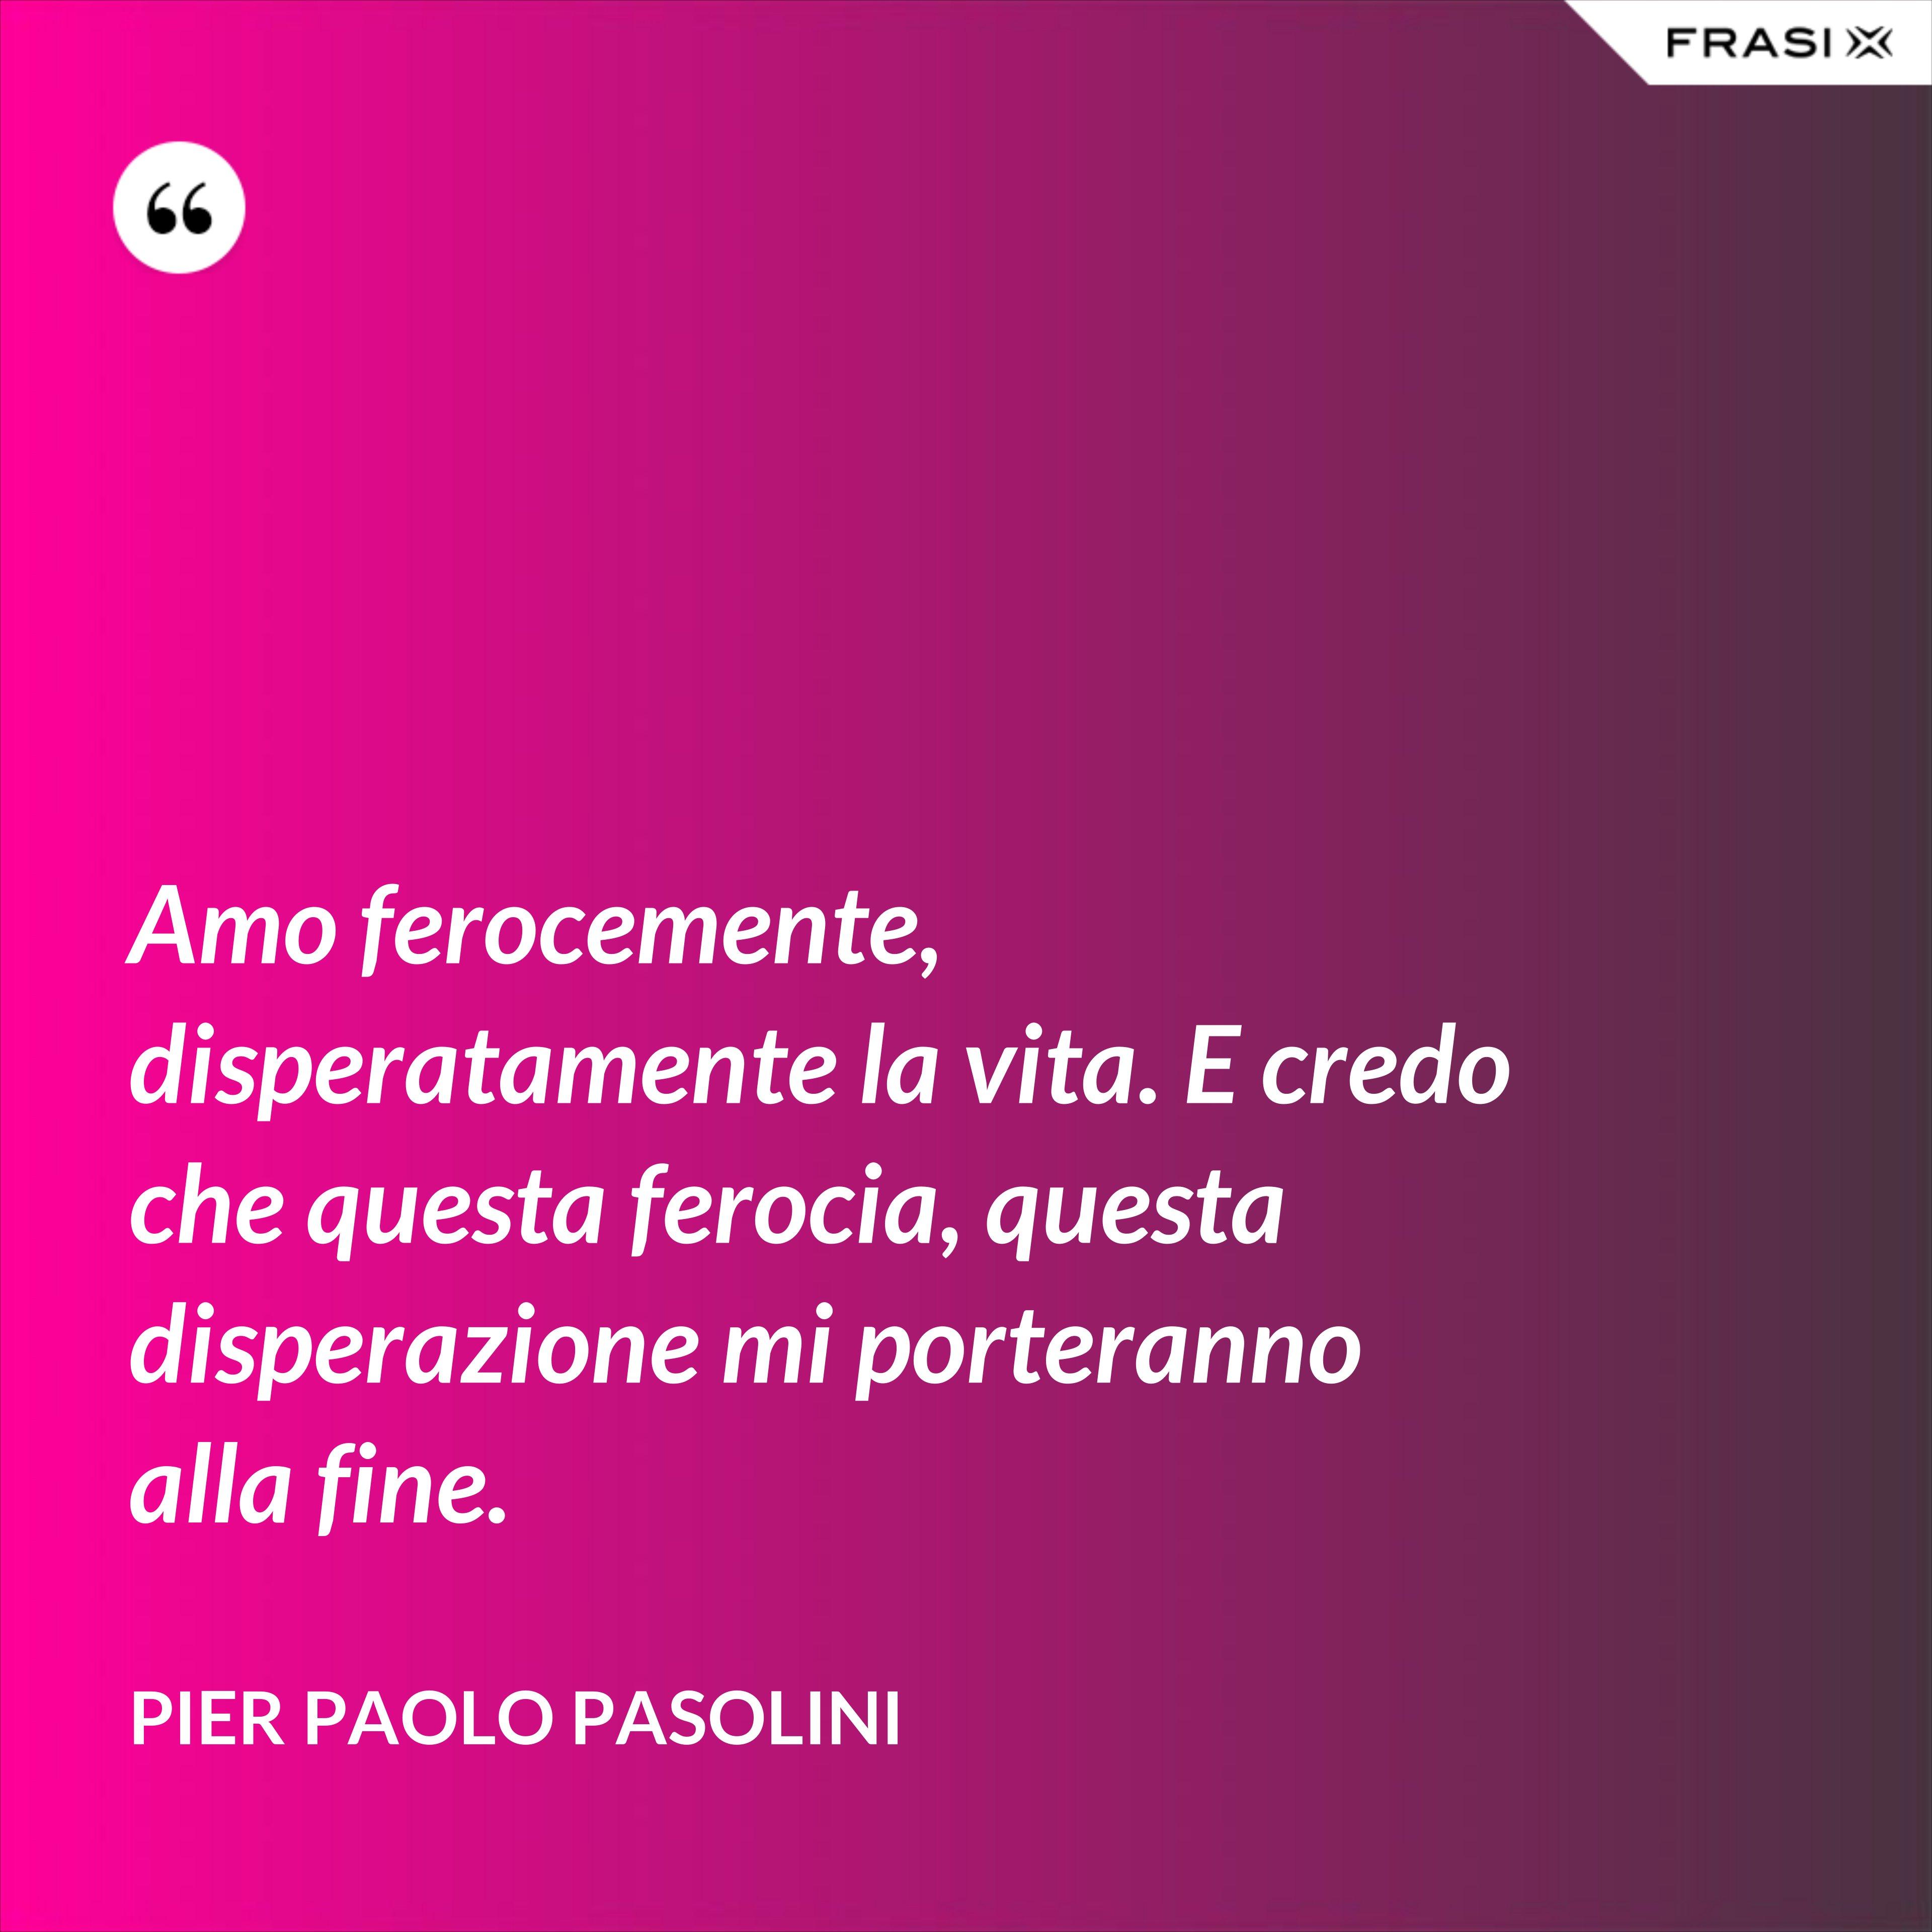 Amo ferocemente, disperatamente la vita. E credo che questa ferocia, questa disperazione mi porteranno alla fine. - Pier Paolo Pasolini